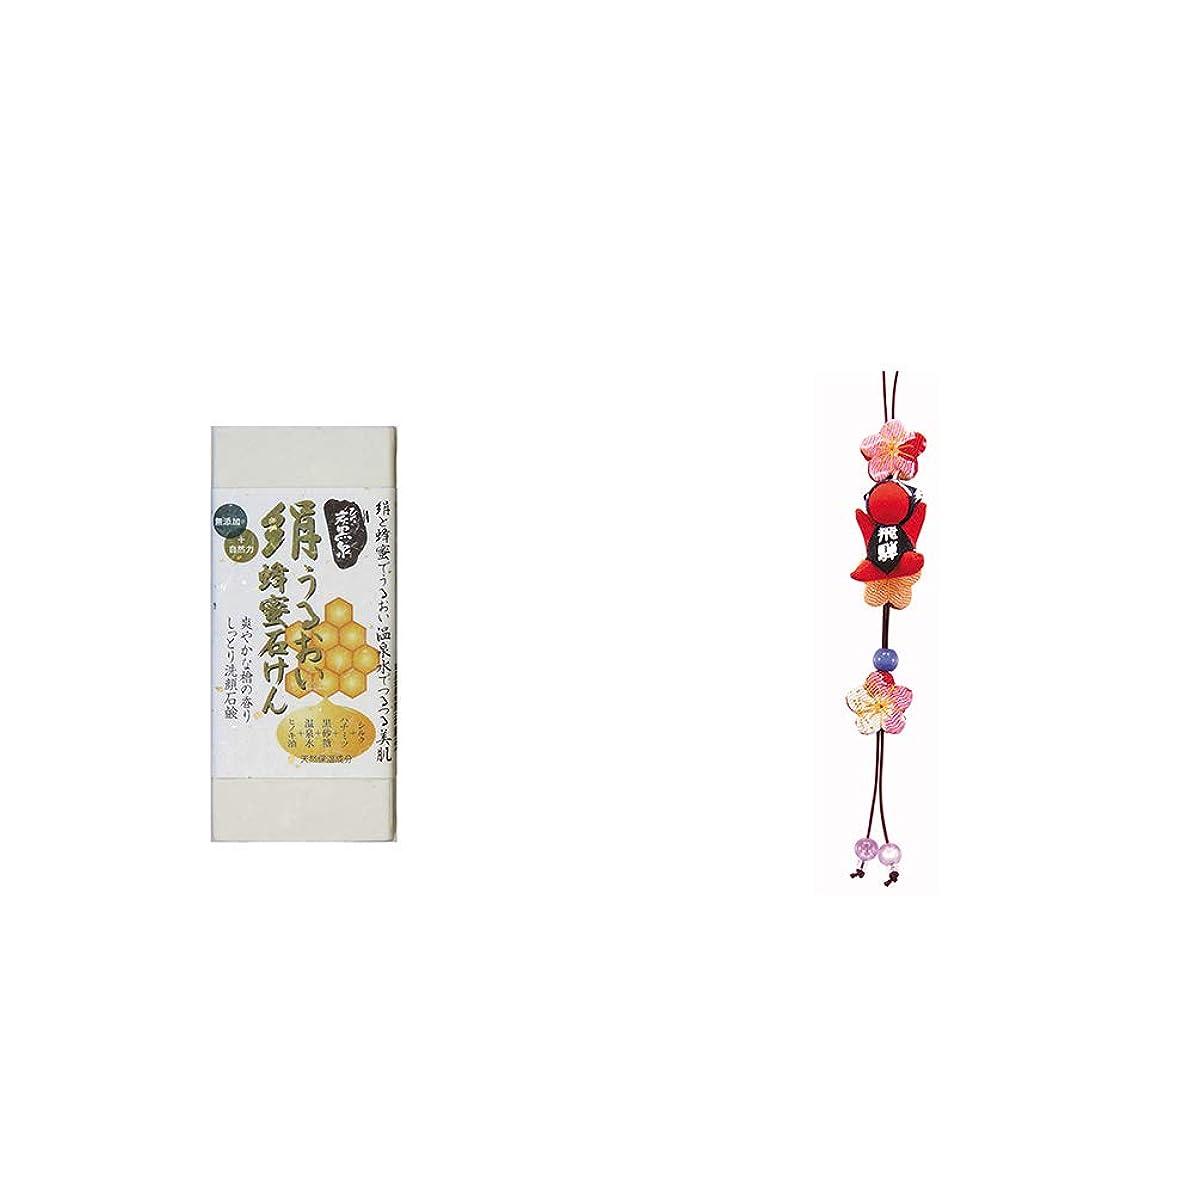 株式会社縮れた発掘する[2点セット] ひのき炭黒泉 絹うるおい蜂蜜石けん(75g×2)?豆さるぼぼ 和風ストラップ【赤】 / 縁結び?魔除け //